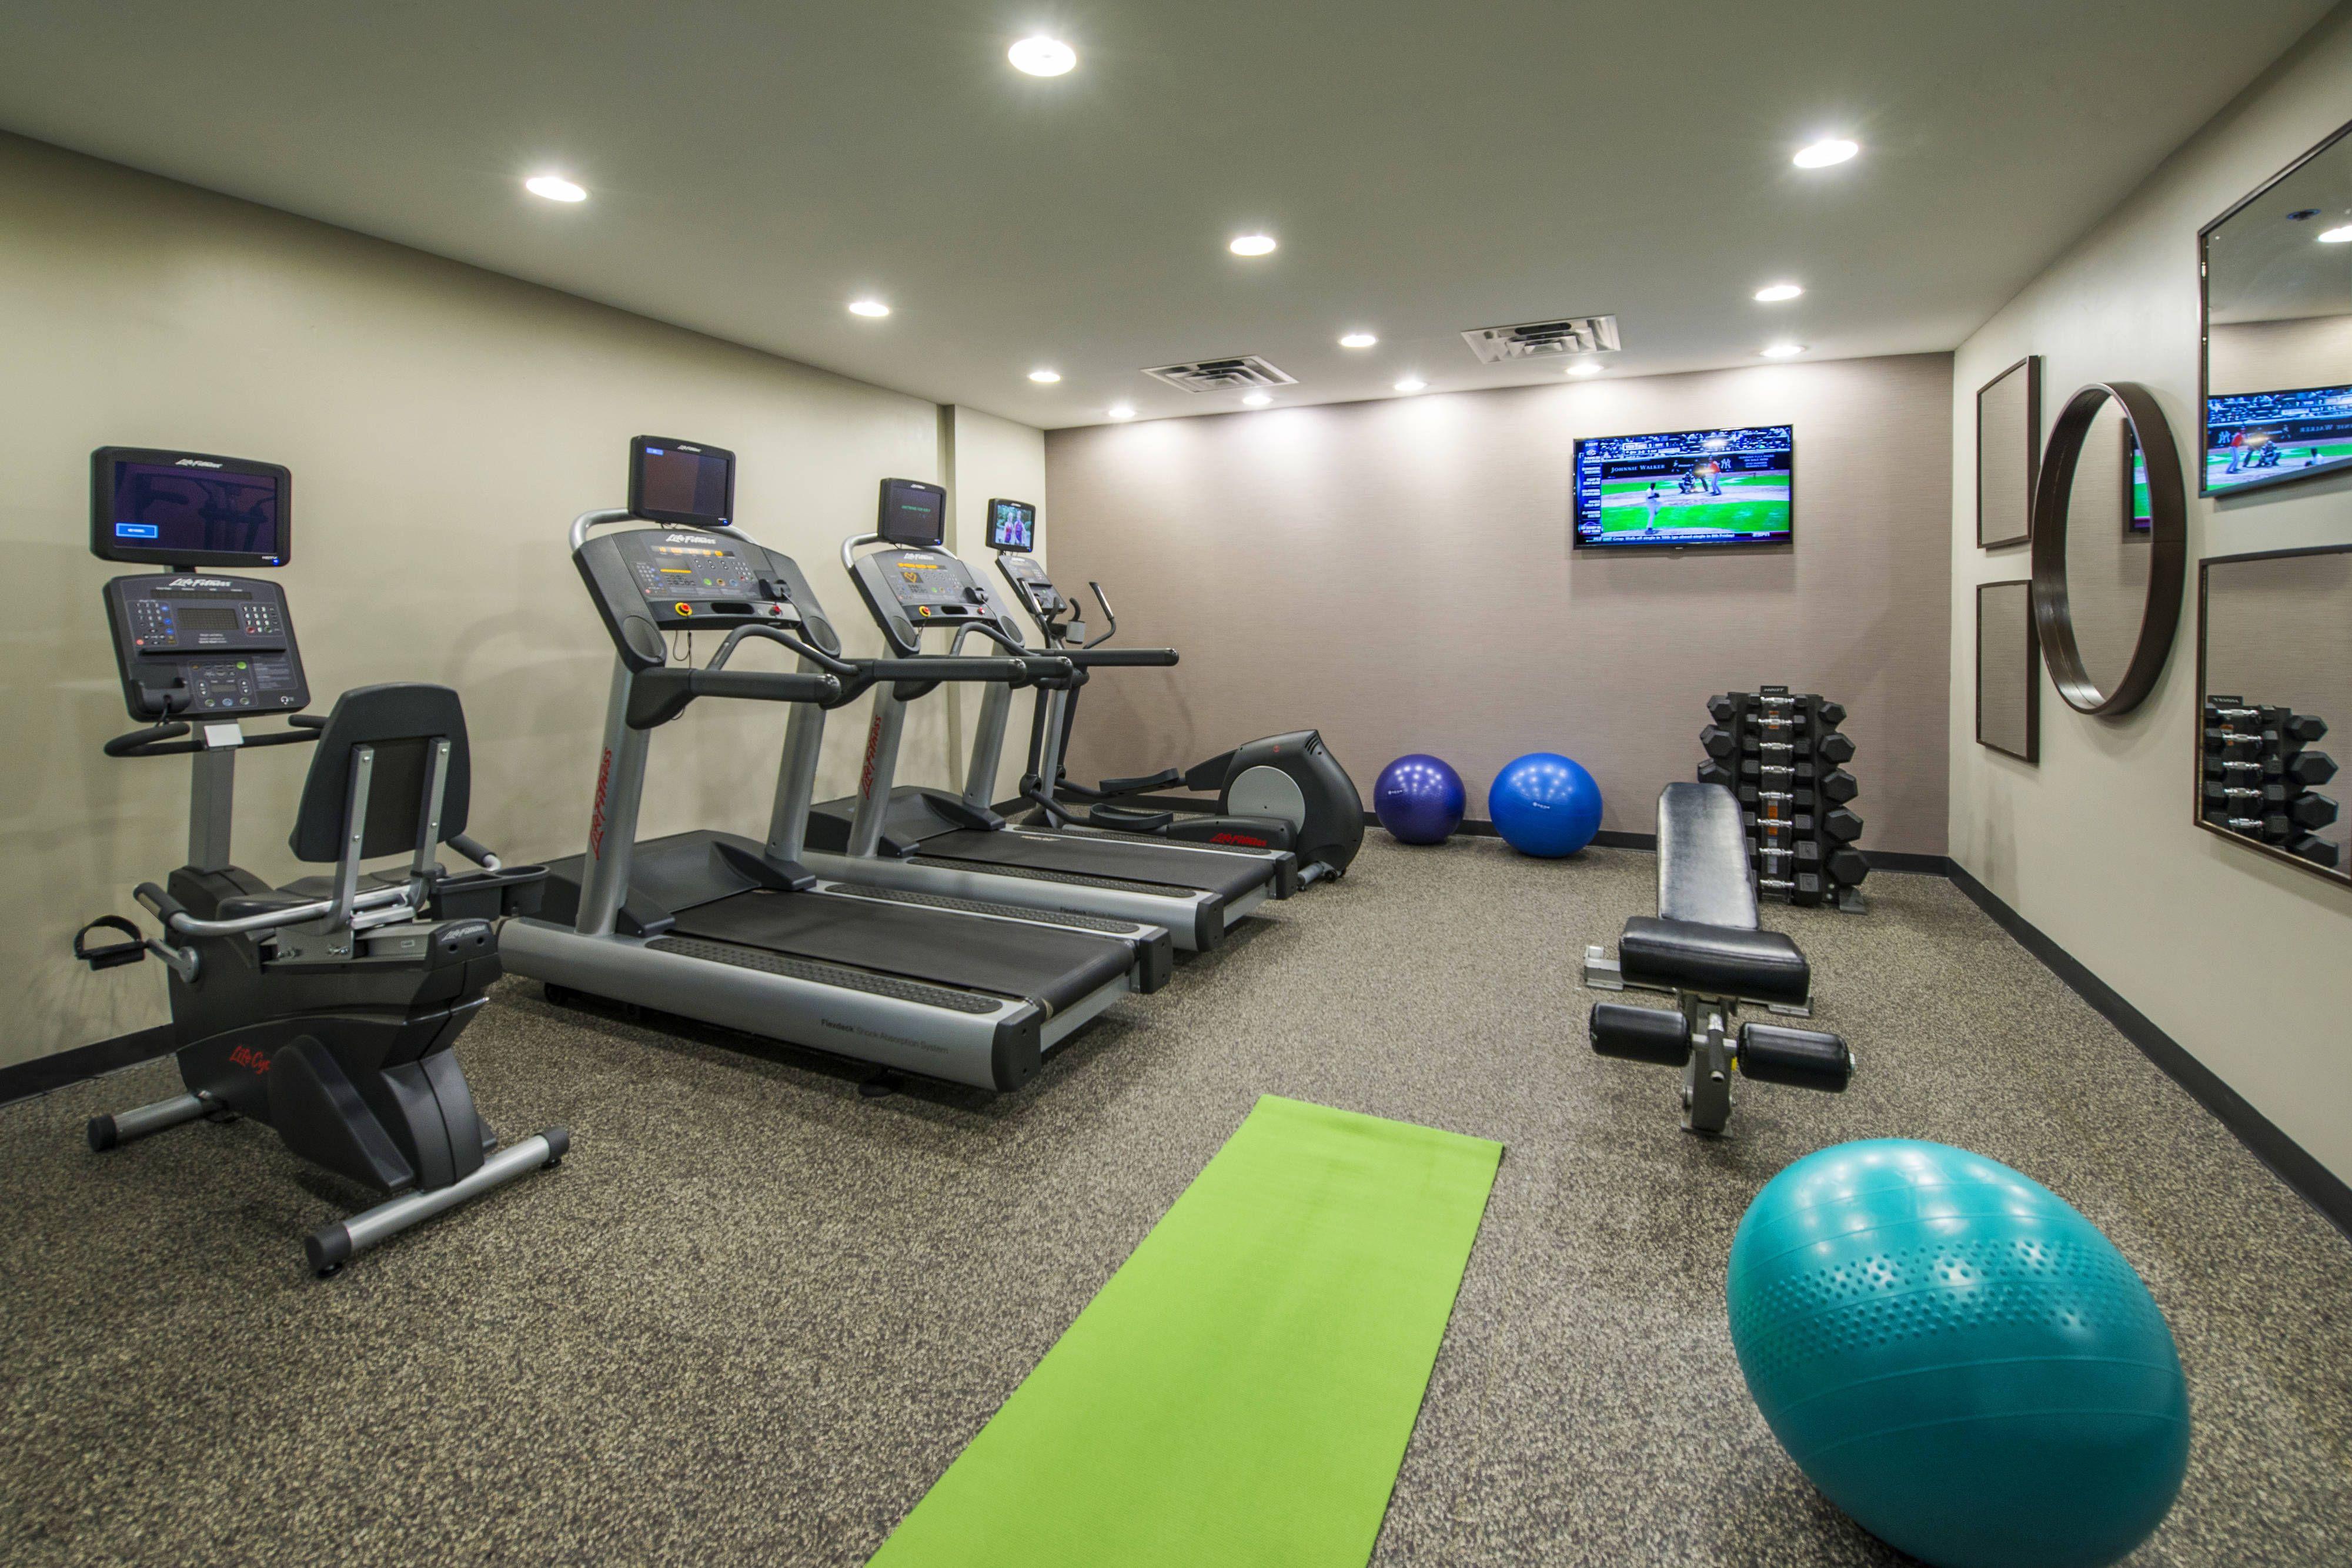 Residence Inn Worcester Fitness Center Travel Memorable Beautiful Inn Residences Extended Stay